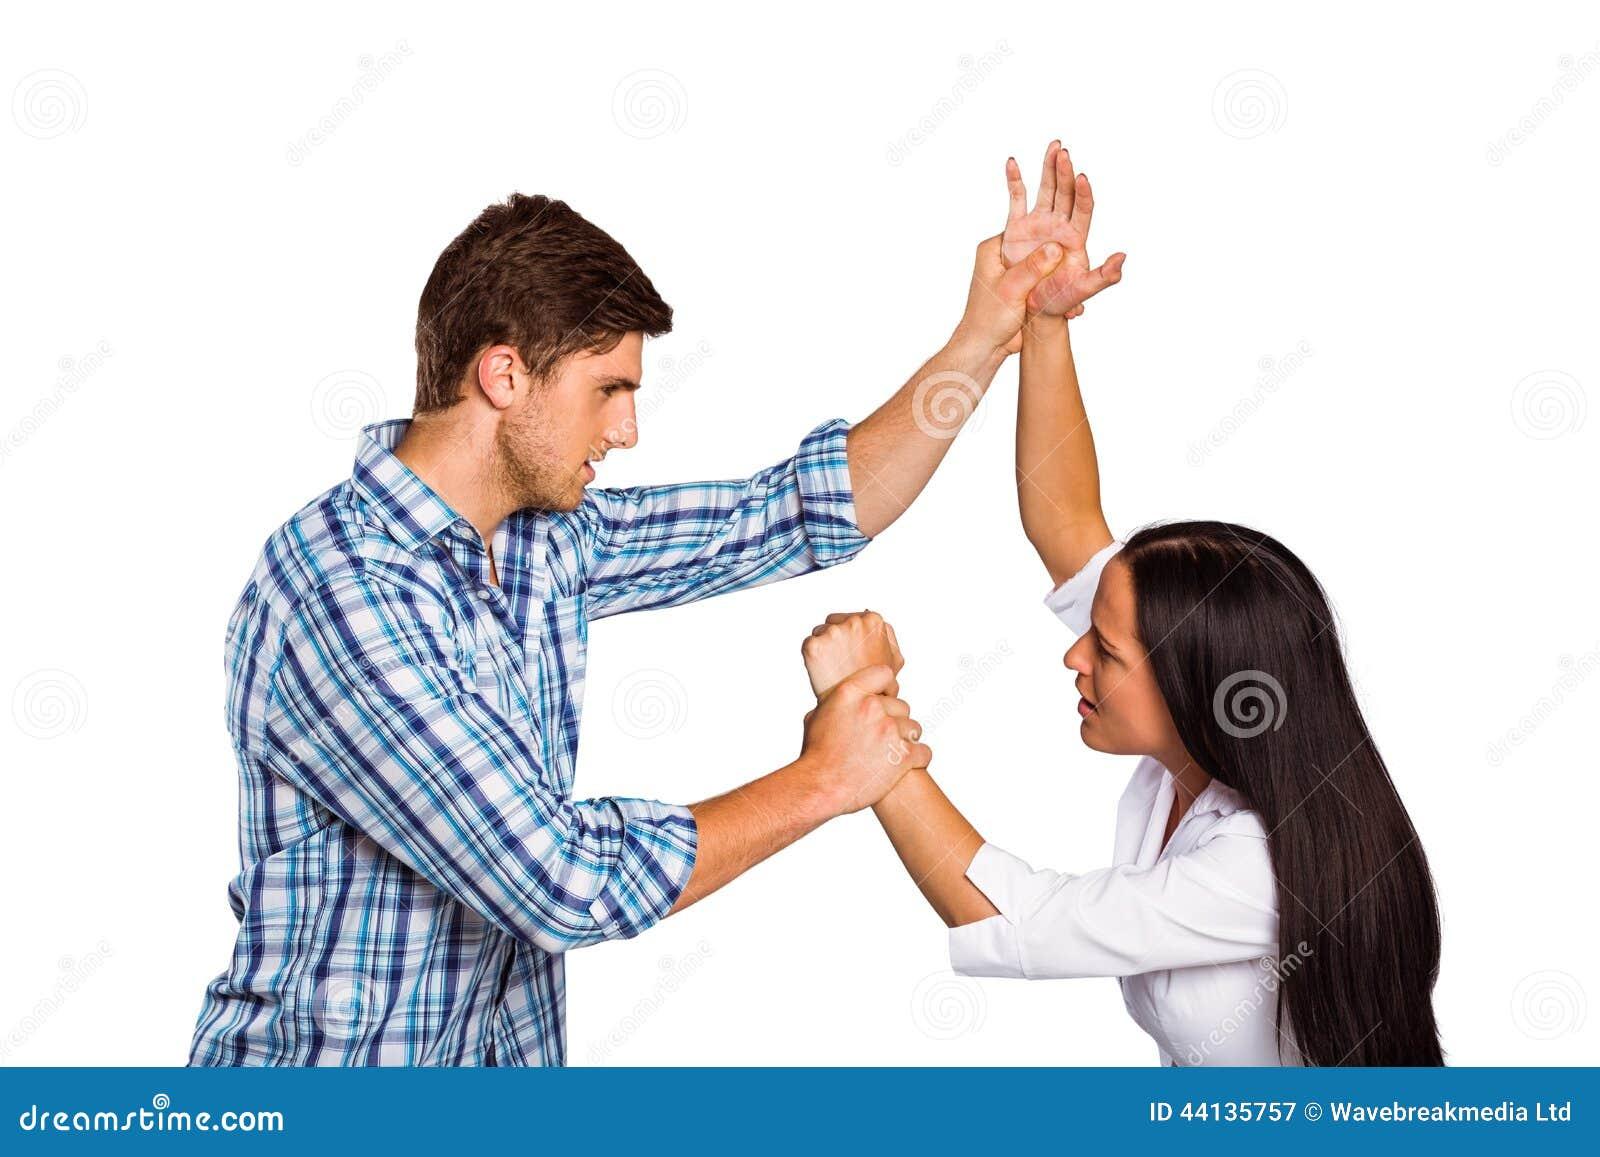 Women Overpowering Man 32